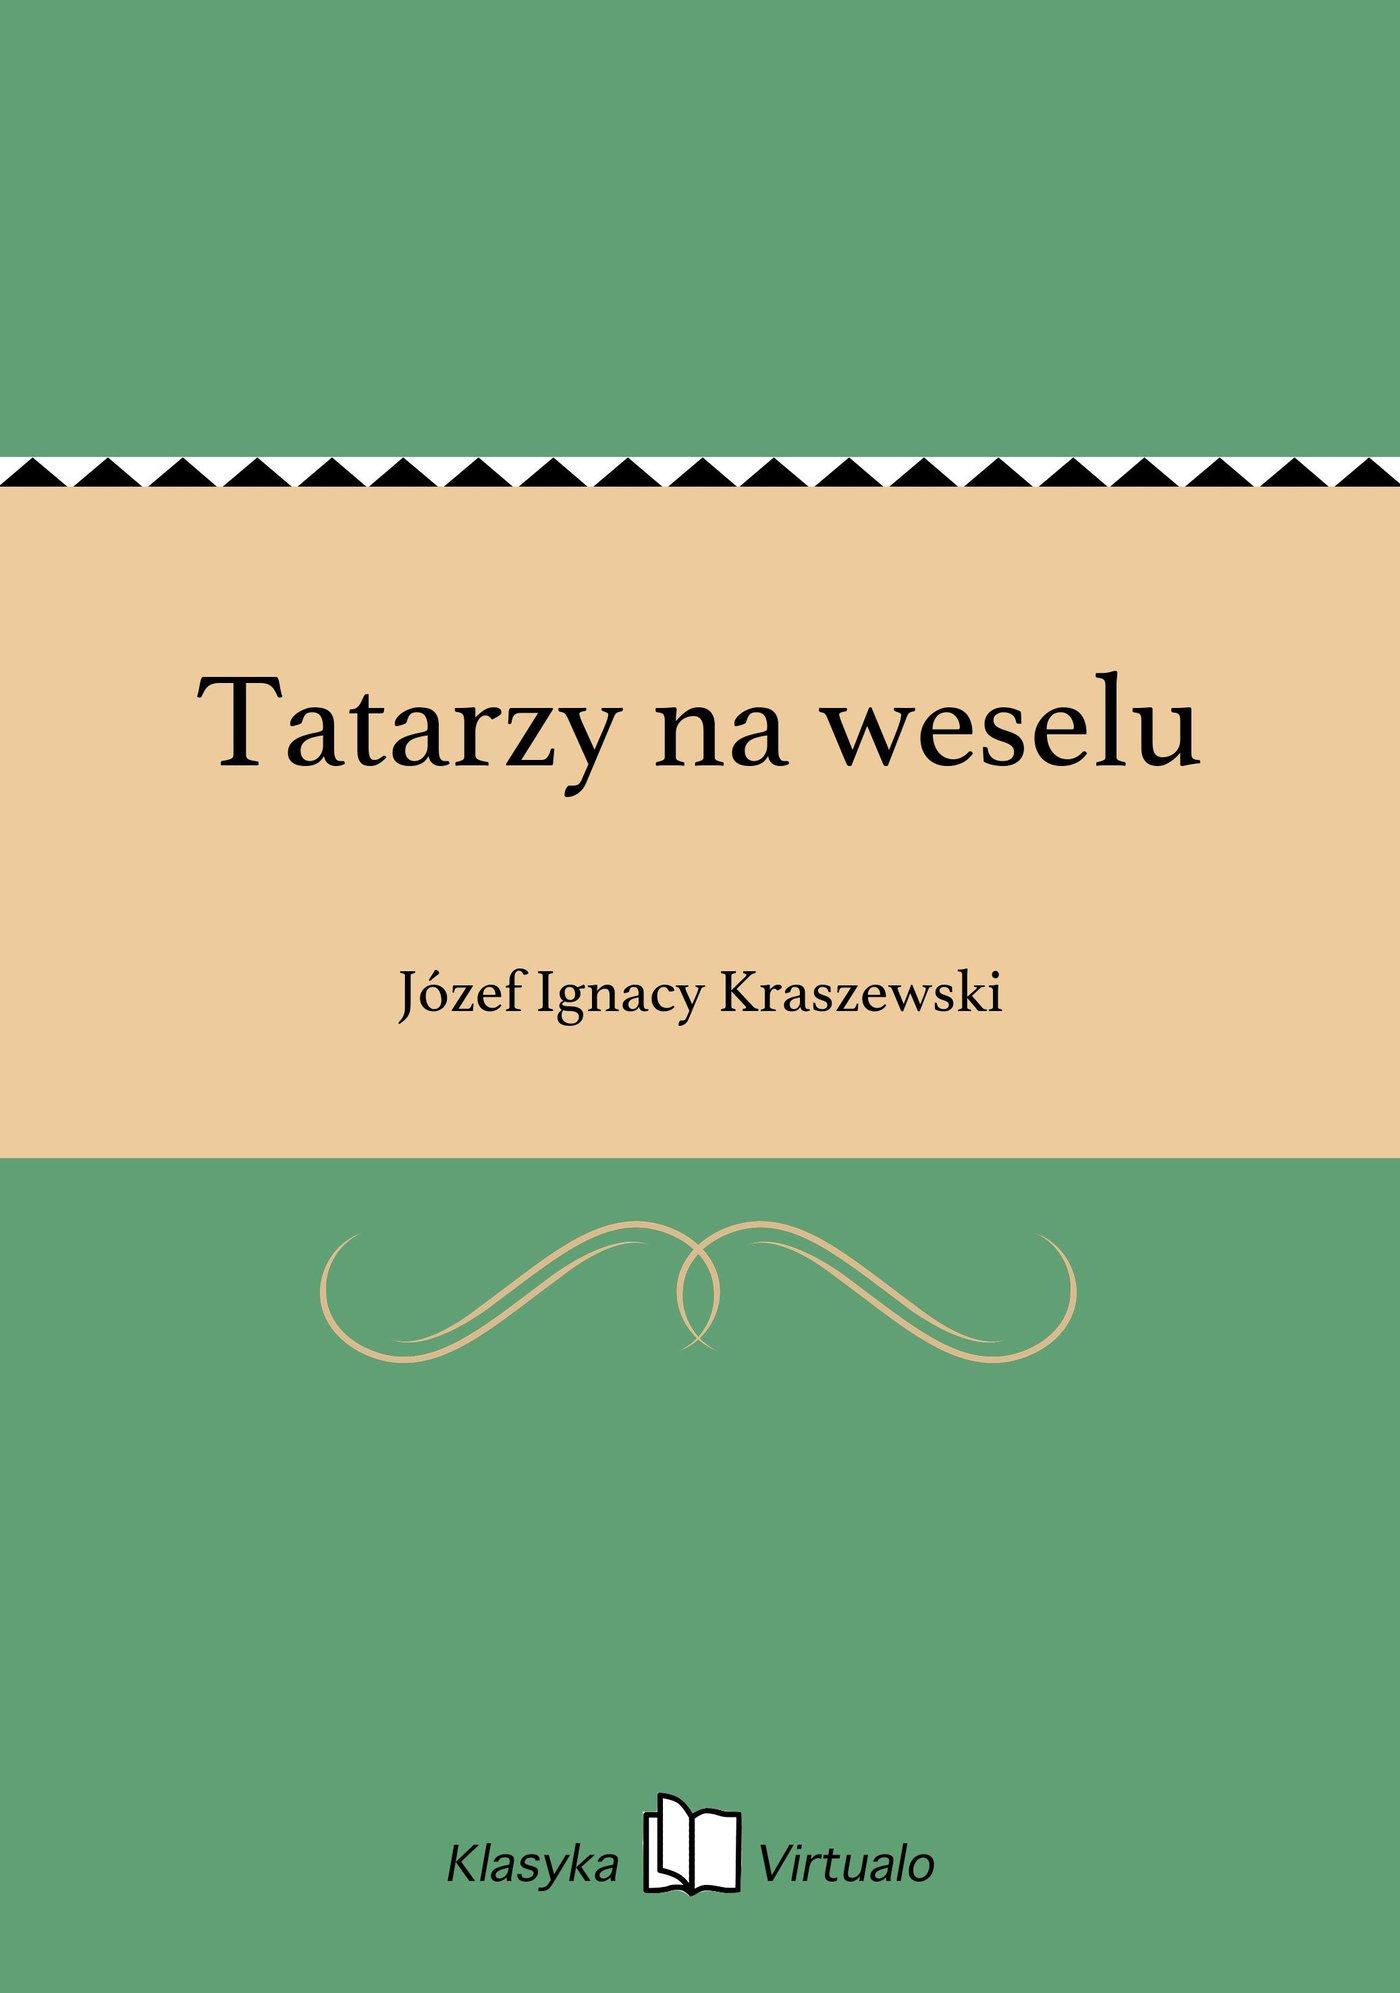 Tatarzy na weselu - Ebook (Książka EPUB) do pobrania w formacie EPUB